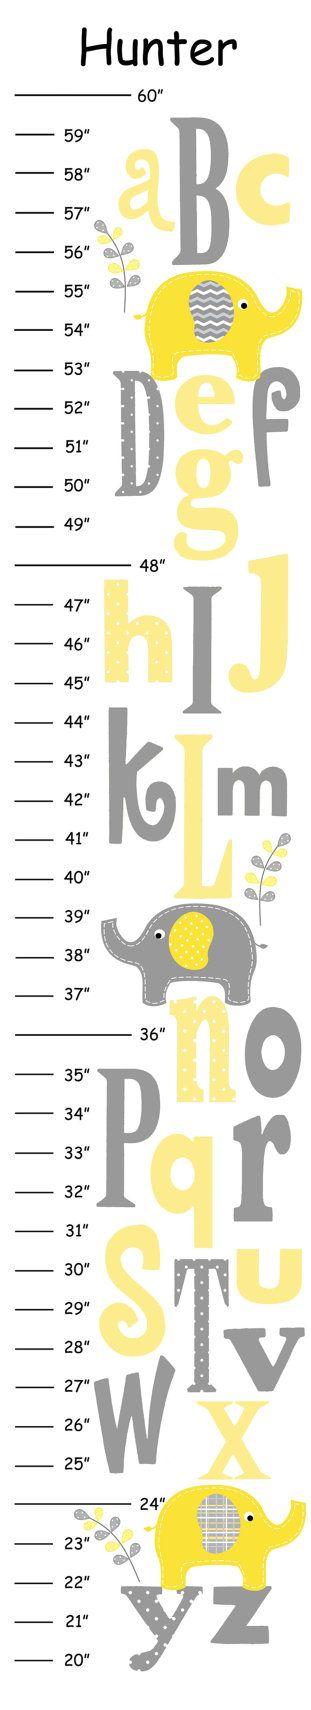 Propos de cet article Pour la vente est une toise personnalisée  MARQUE ET LE TEMPS-NAVIRE https://www.etsy.com/your/shops/CamieTurnerDesigns/policies  Votre enfant grandit si vite, noubliez pas chaque instant avec cette courbe de croissance de toile personnalisée. Il sagit de la courbe de croissance que vous allez chérir pour toujours ! Marques sur le mur seront estompera avec le temps ou être à la traîne dans un mouvement, mes courbes de croissance de toile durera une durée de vie et…